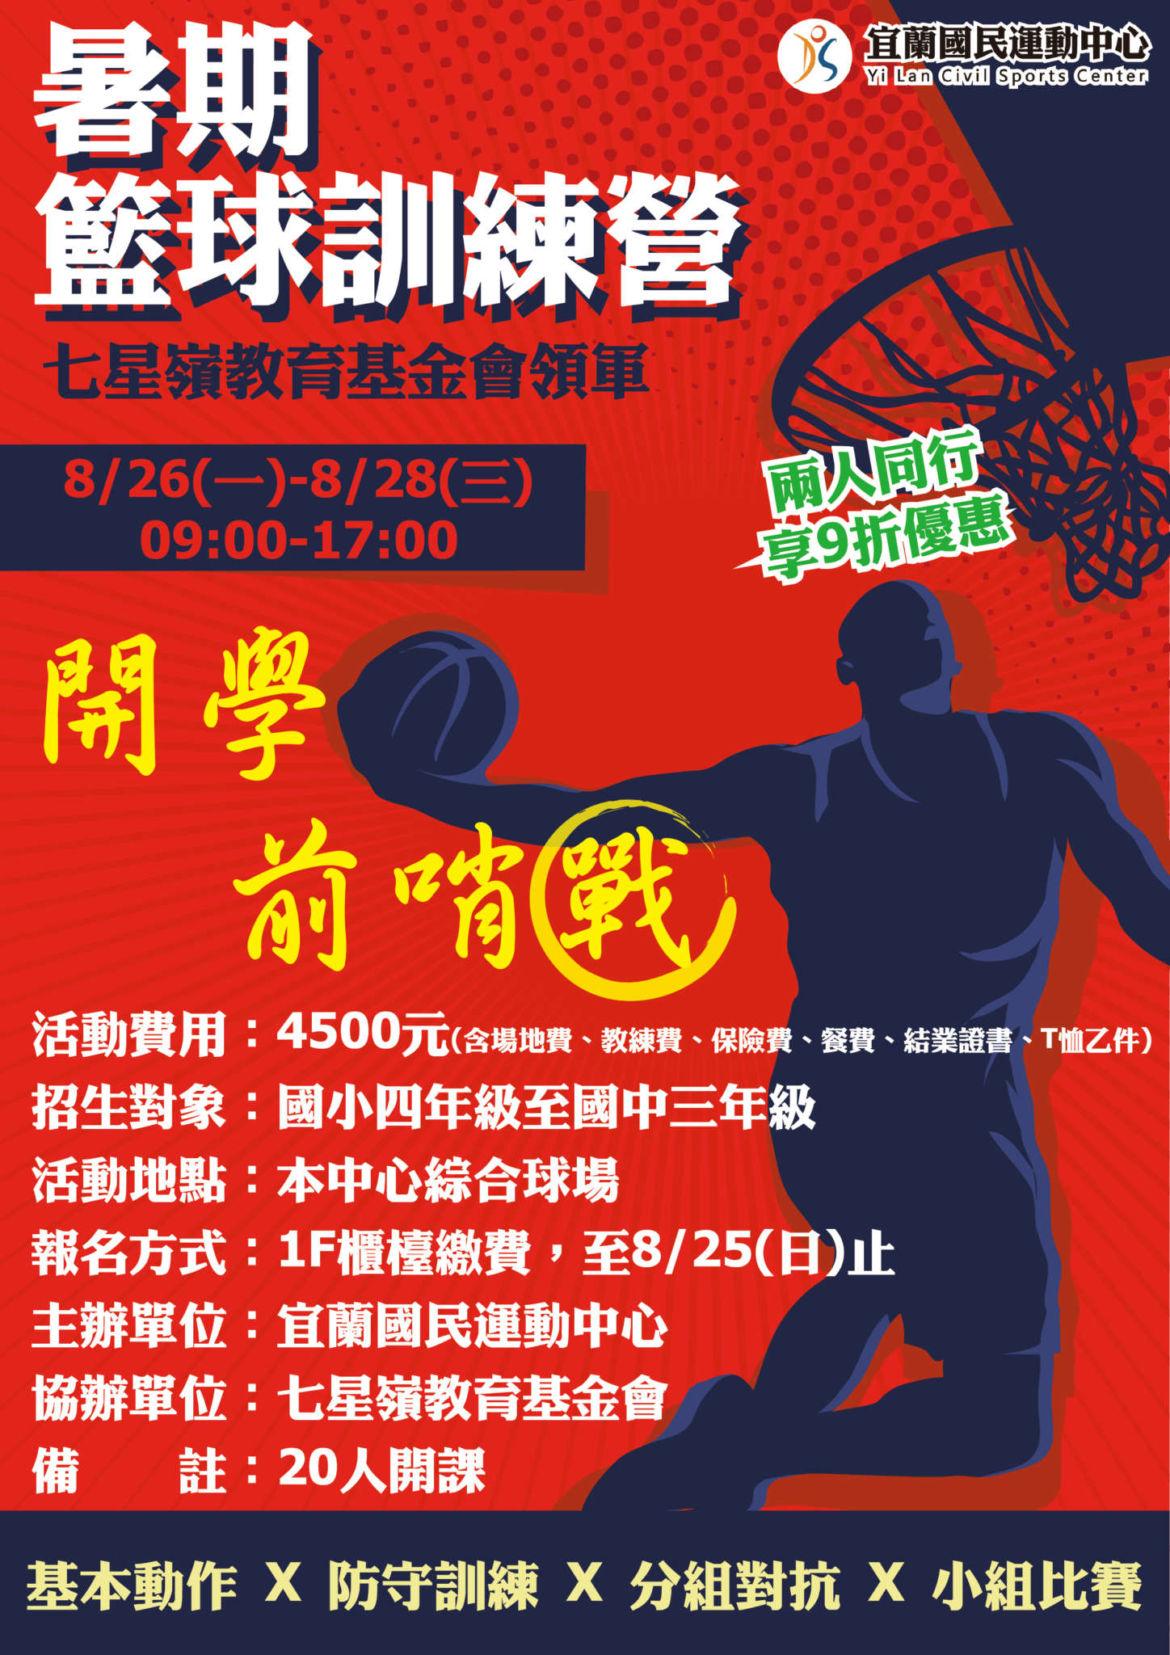 【暑期營隊最後一波—七星嶺教育基金會籃球訓練營】